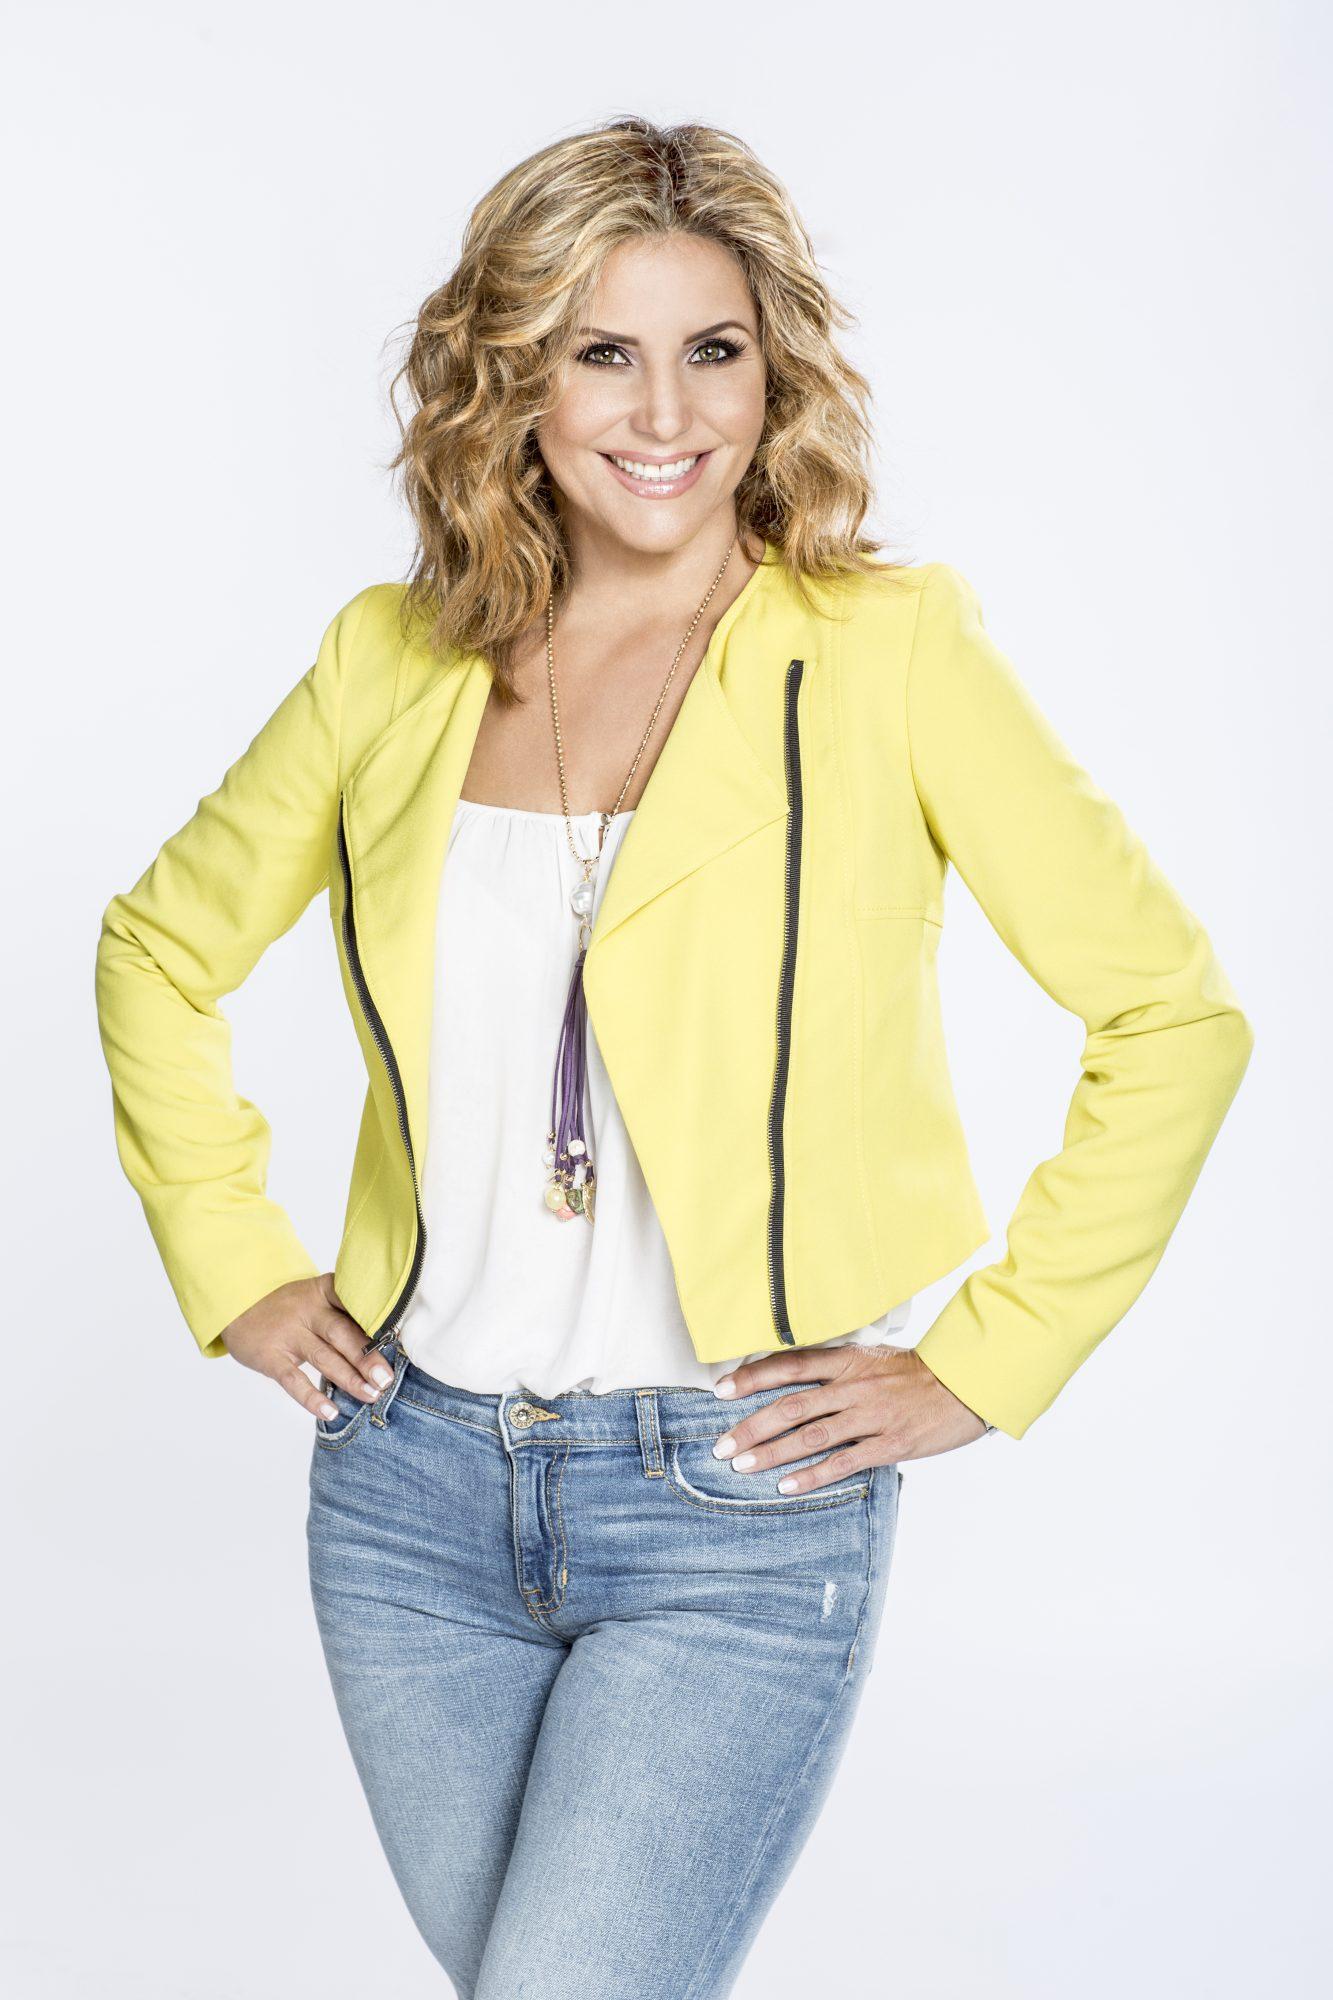 María Elena Useche